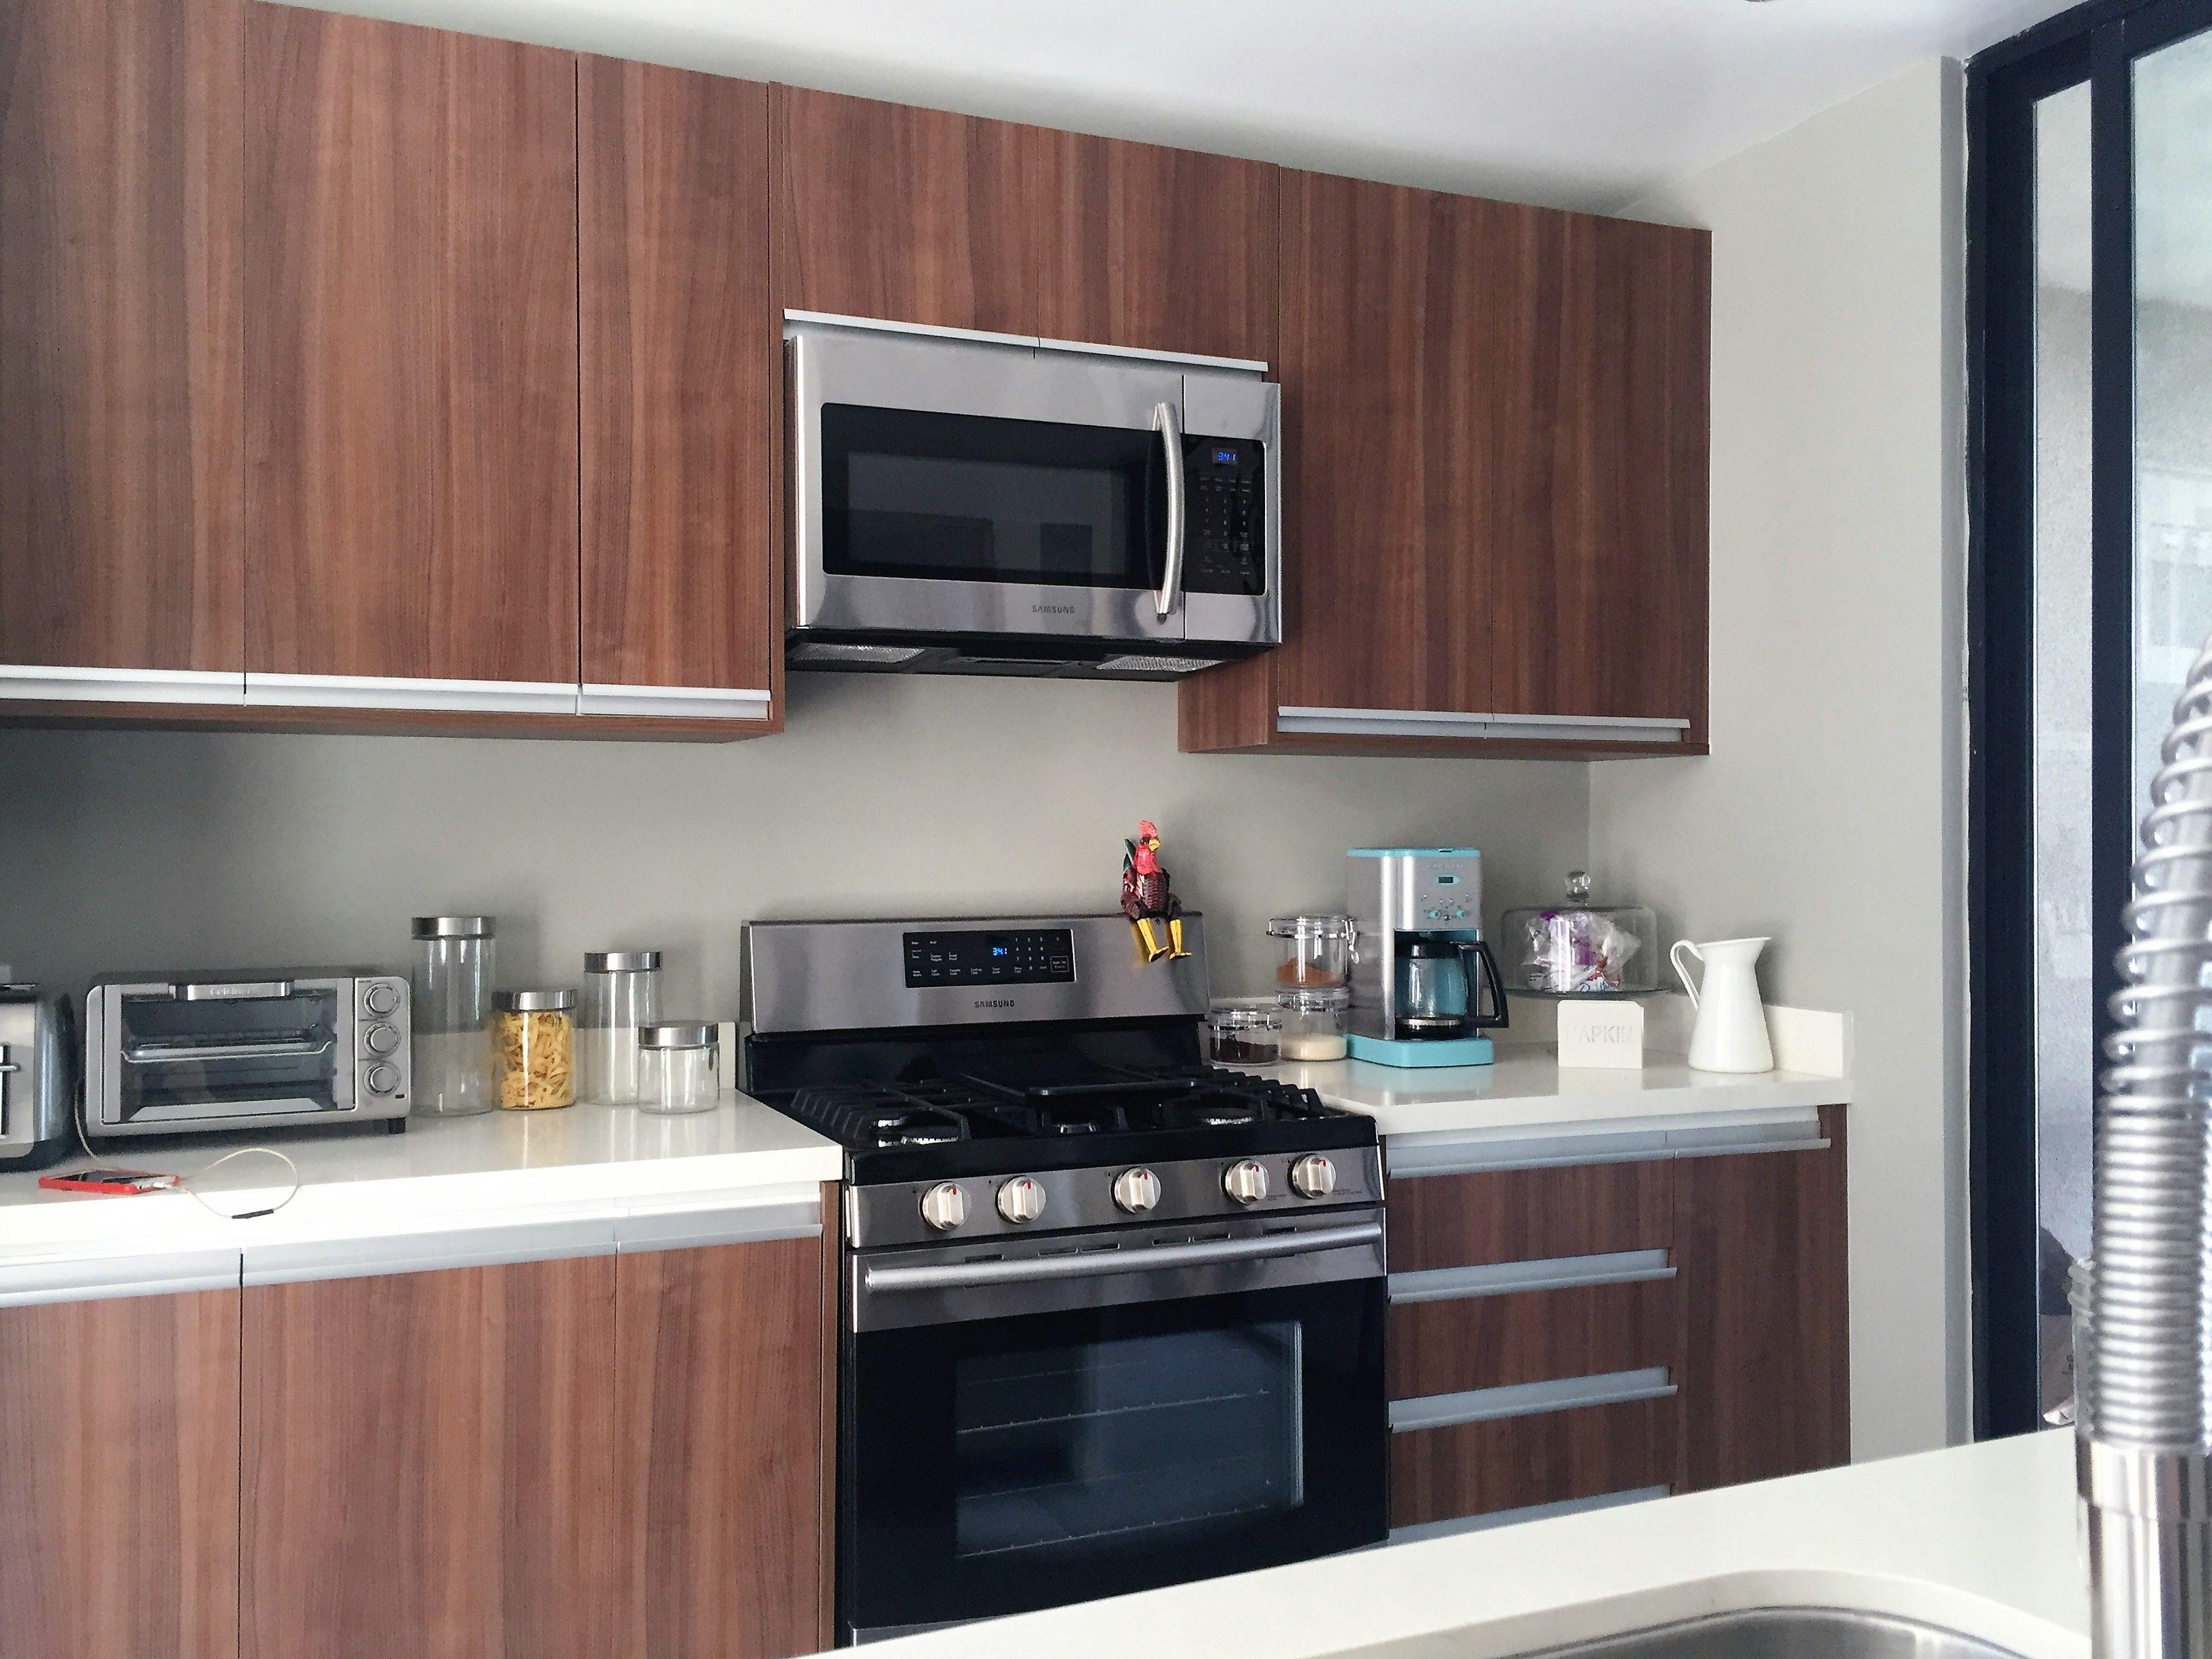 cocina integral moderna en una sola tonalidad y